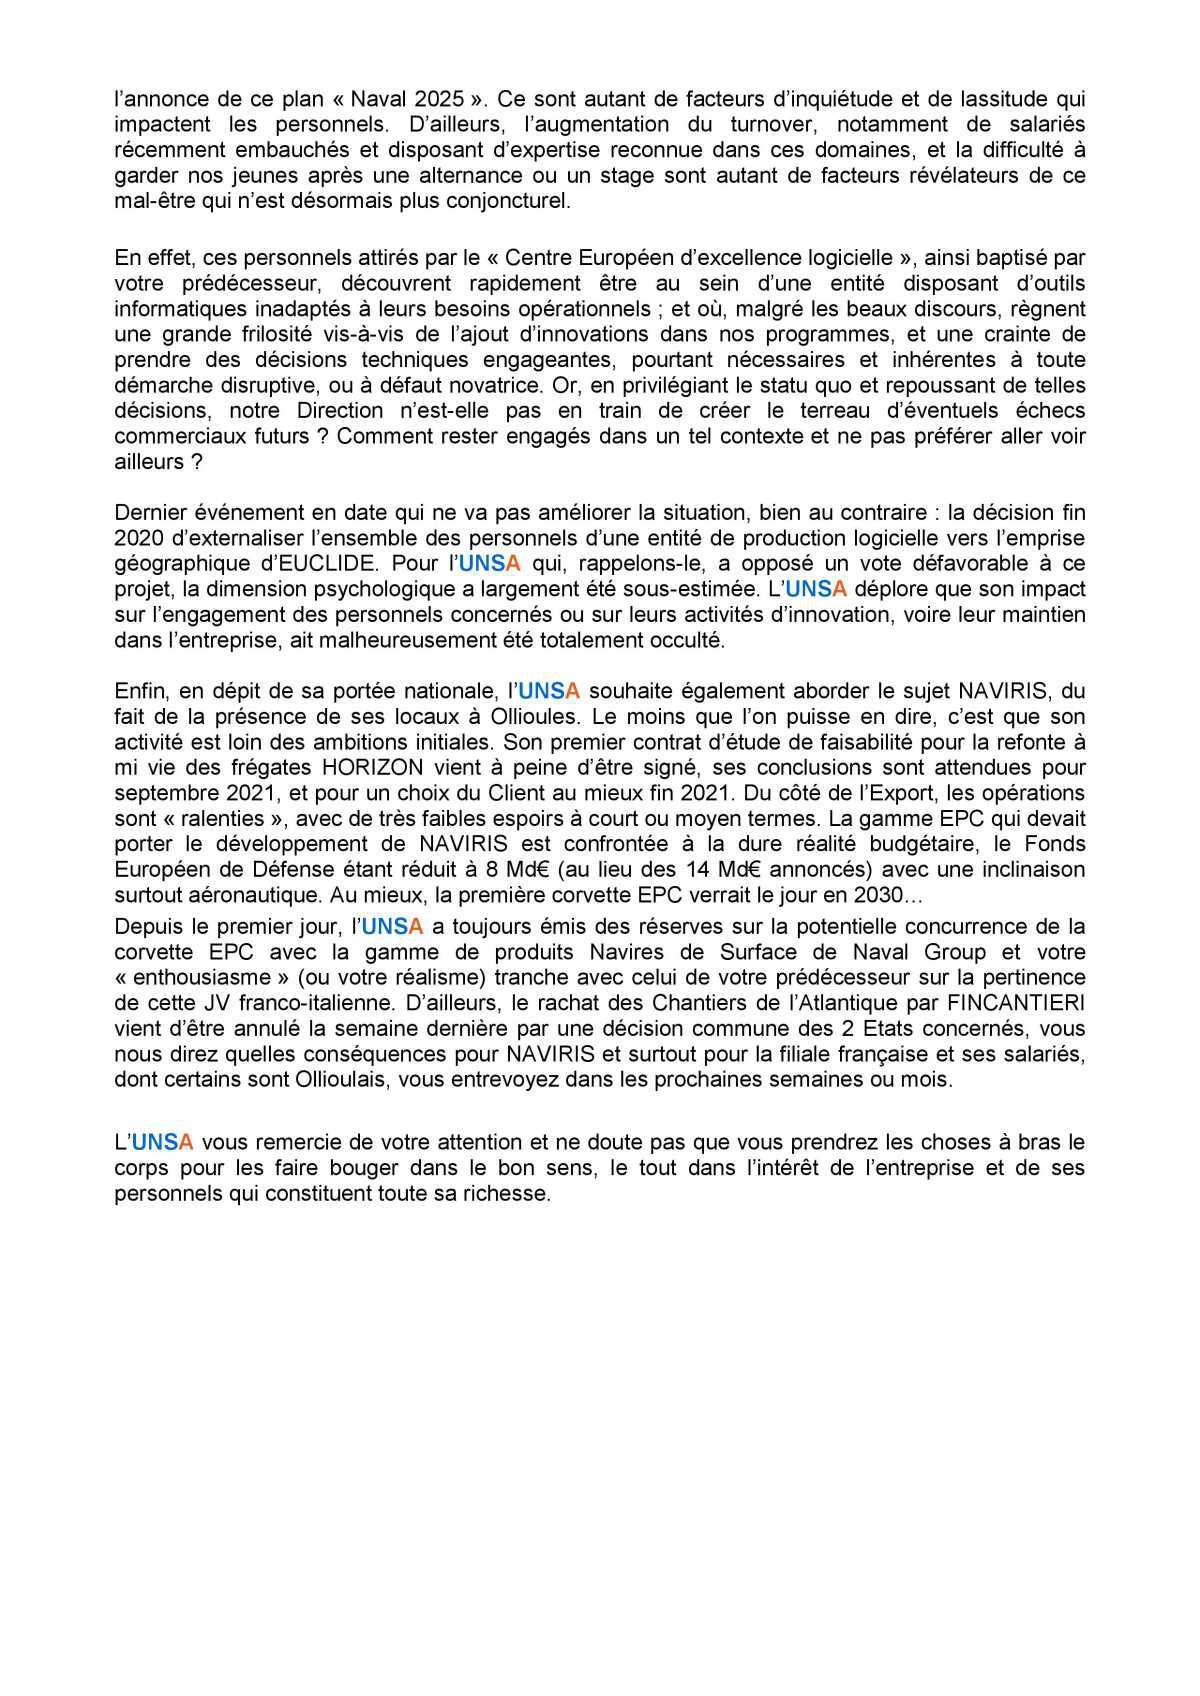 Visite du PDG à Ollioules - réunion du 3 février 2021